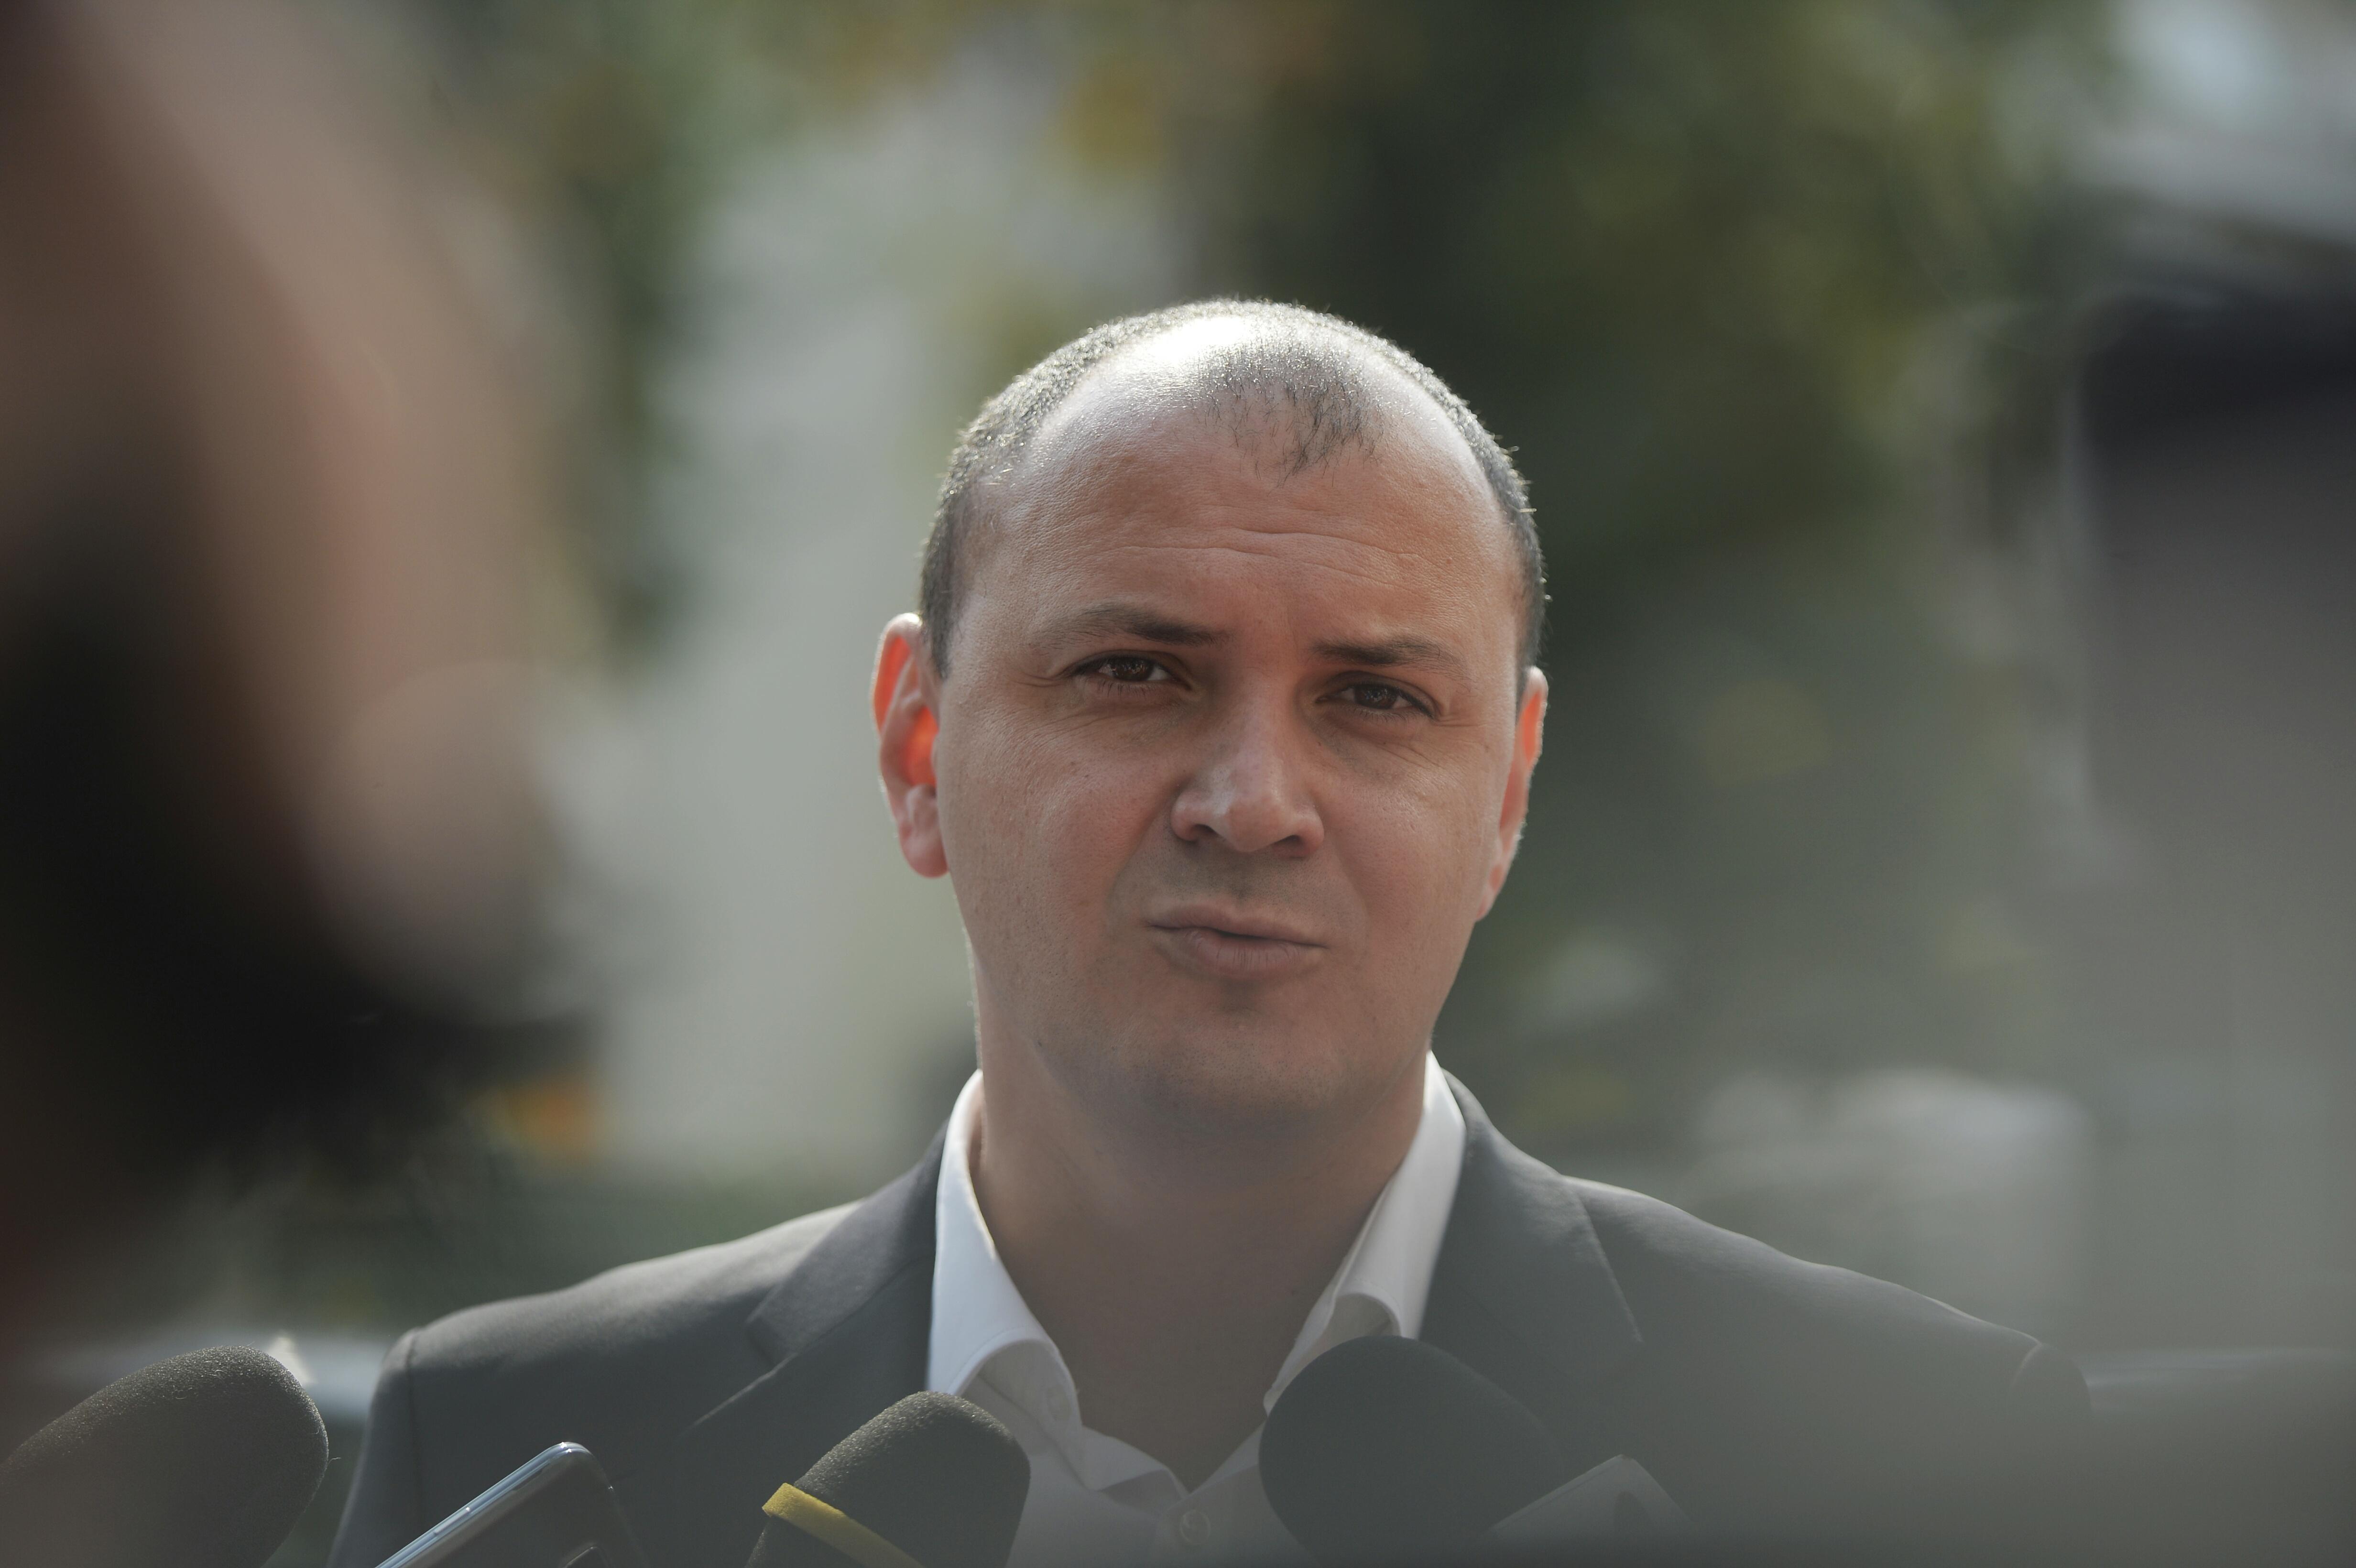 Mandatul de arestare pentru Sebastian Ghiţă în dosarul lui Iulian Bădescu, RESPINS. Fostul deputat are, în prezent, trei cereri de reţinere